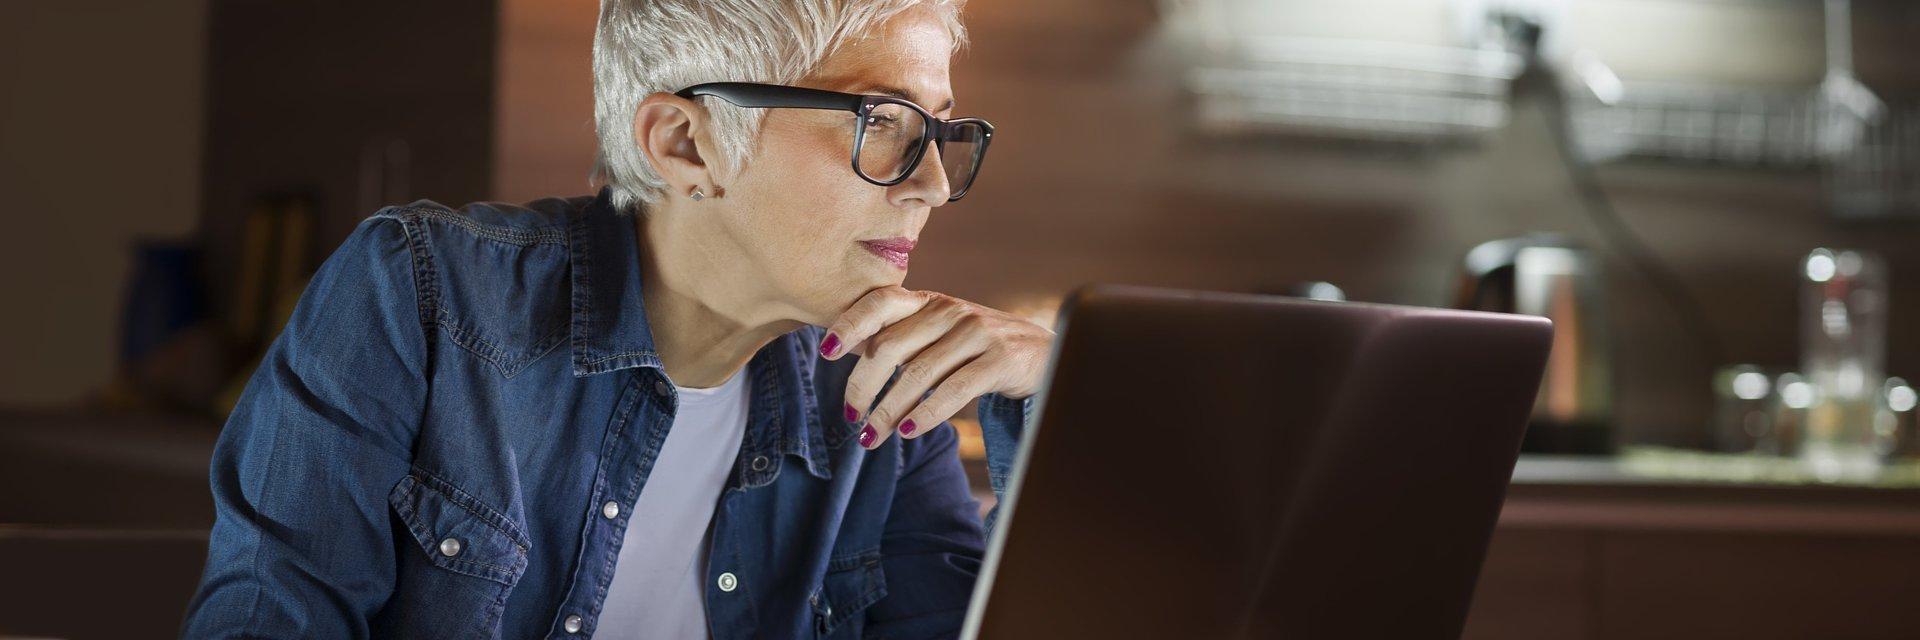 Przyszłość zaczyna się dziś – czyli jak zadbać o godną emeryturę